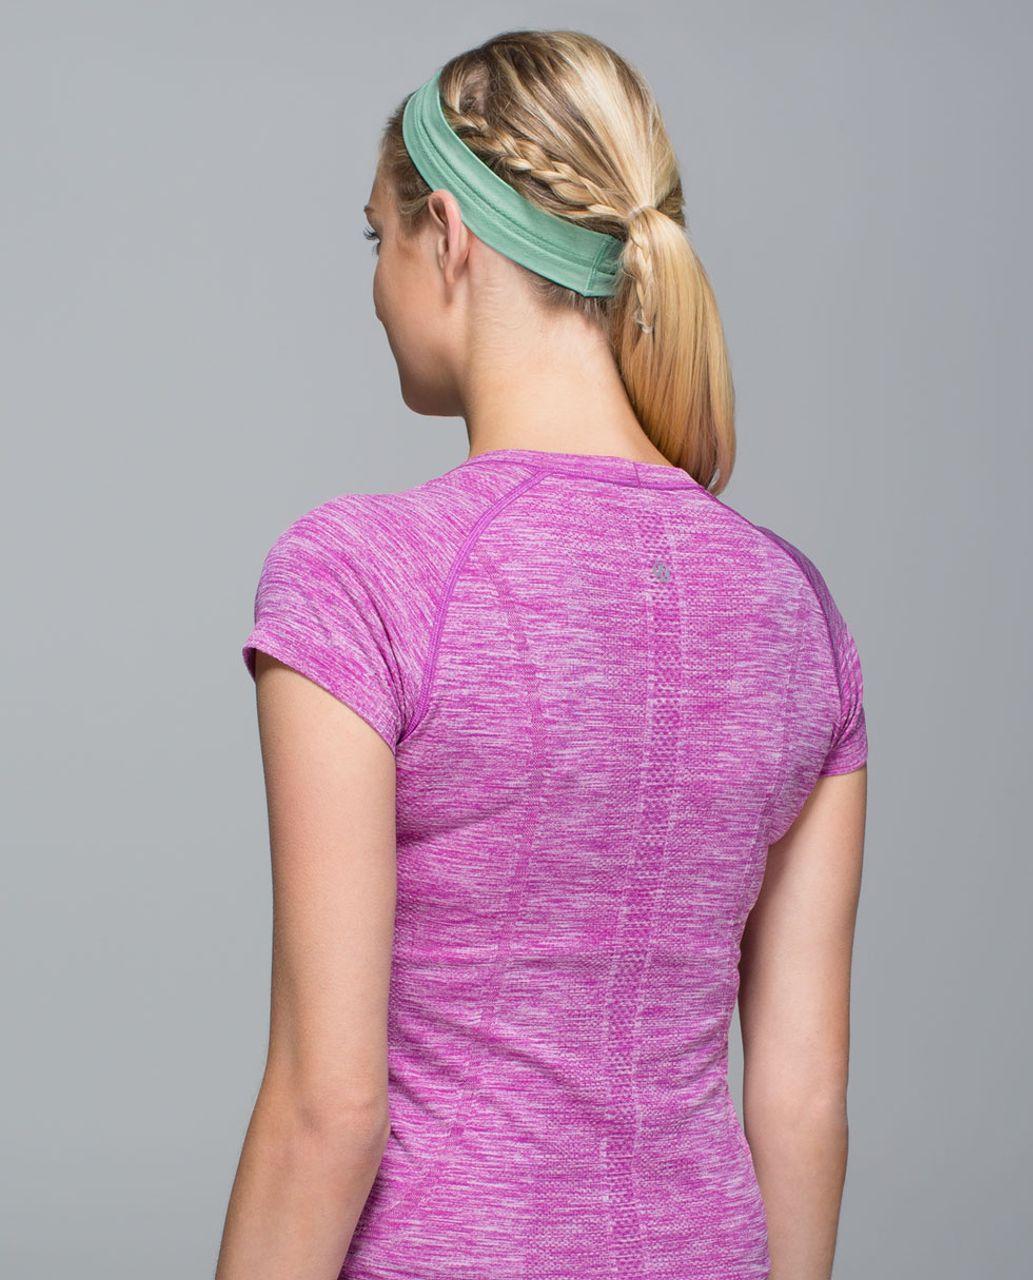 Lululemon Swiftly Headband - Space Dye Heathered Menthol